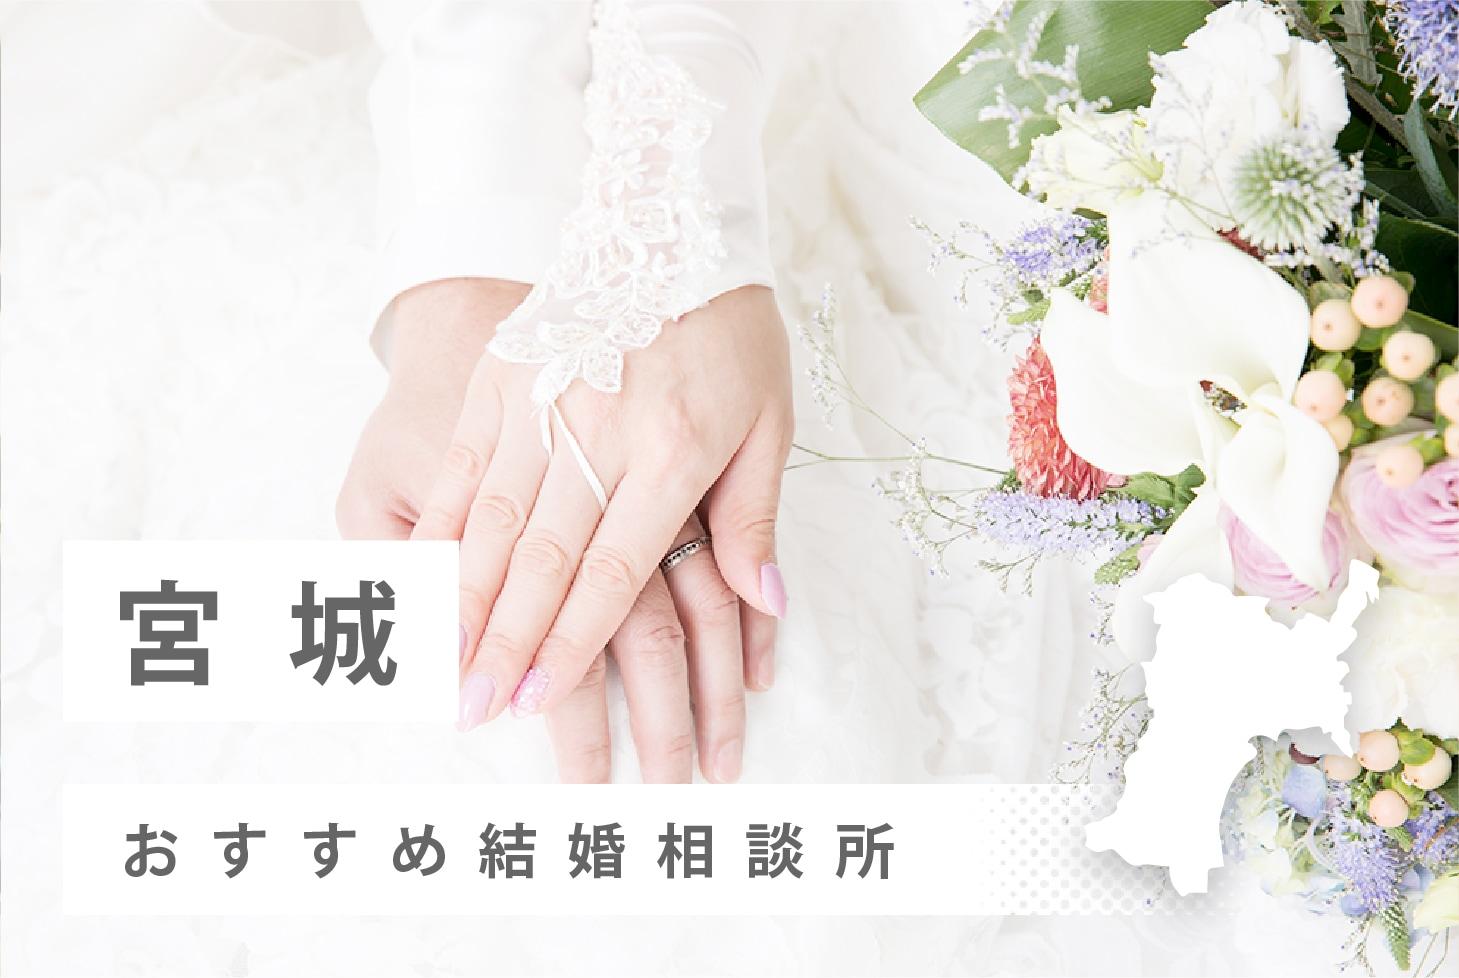 宮城県でおすすめな結婚相談所